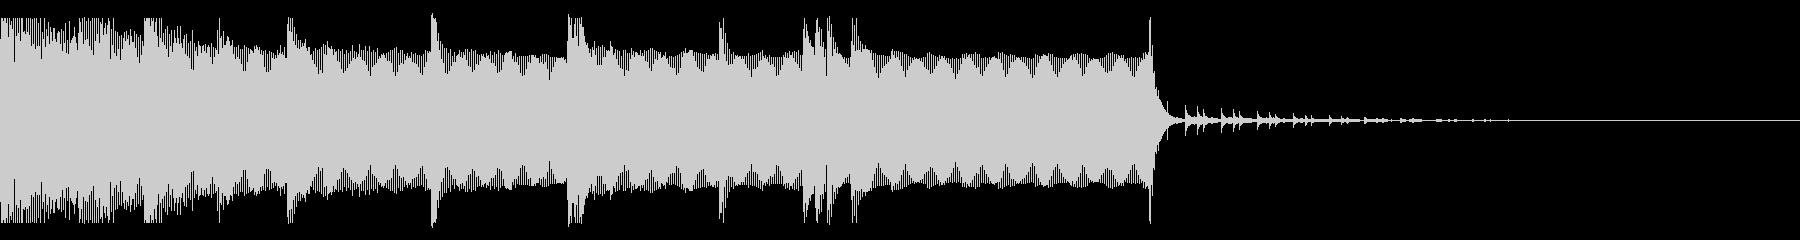 クールな着信音の未再生の波形